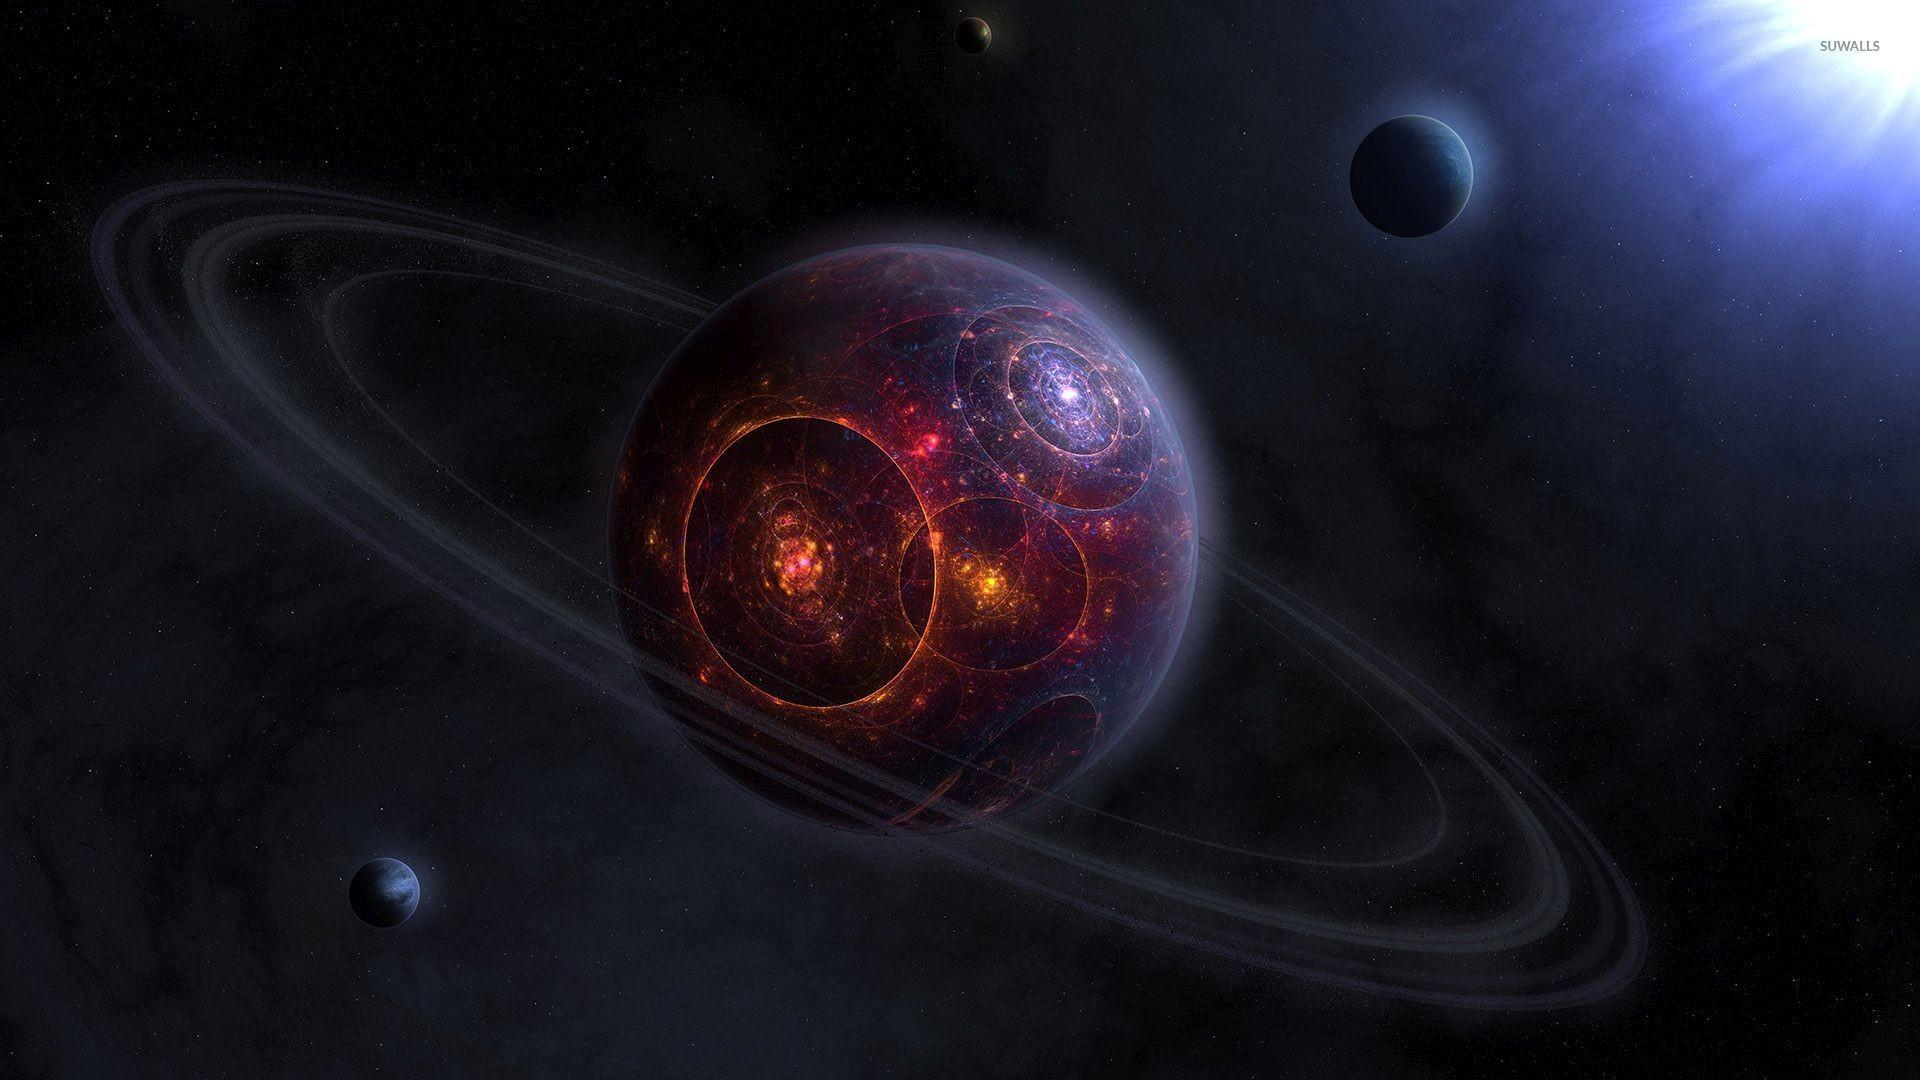 Rings around the fractal planet wallpaper jpg